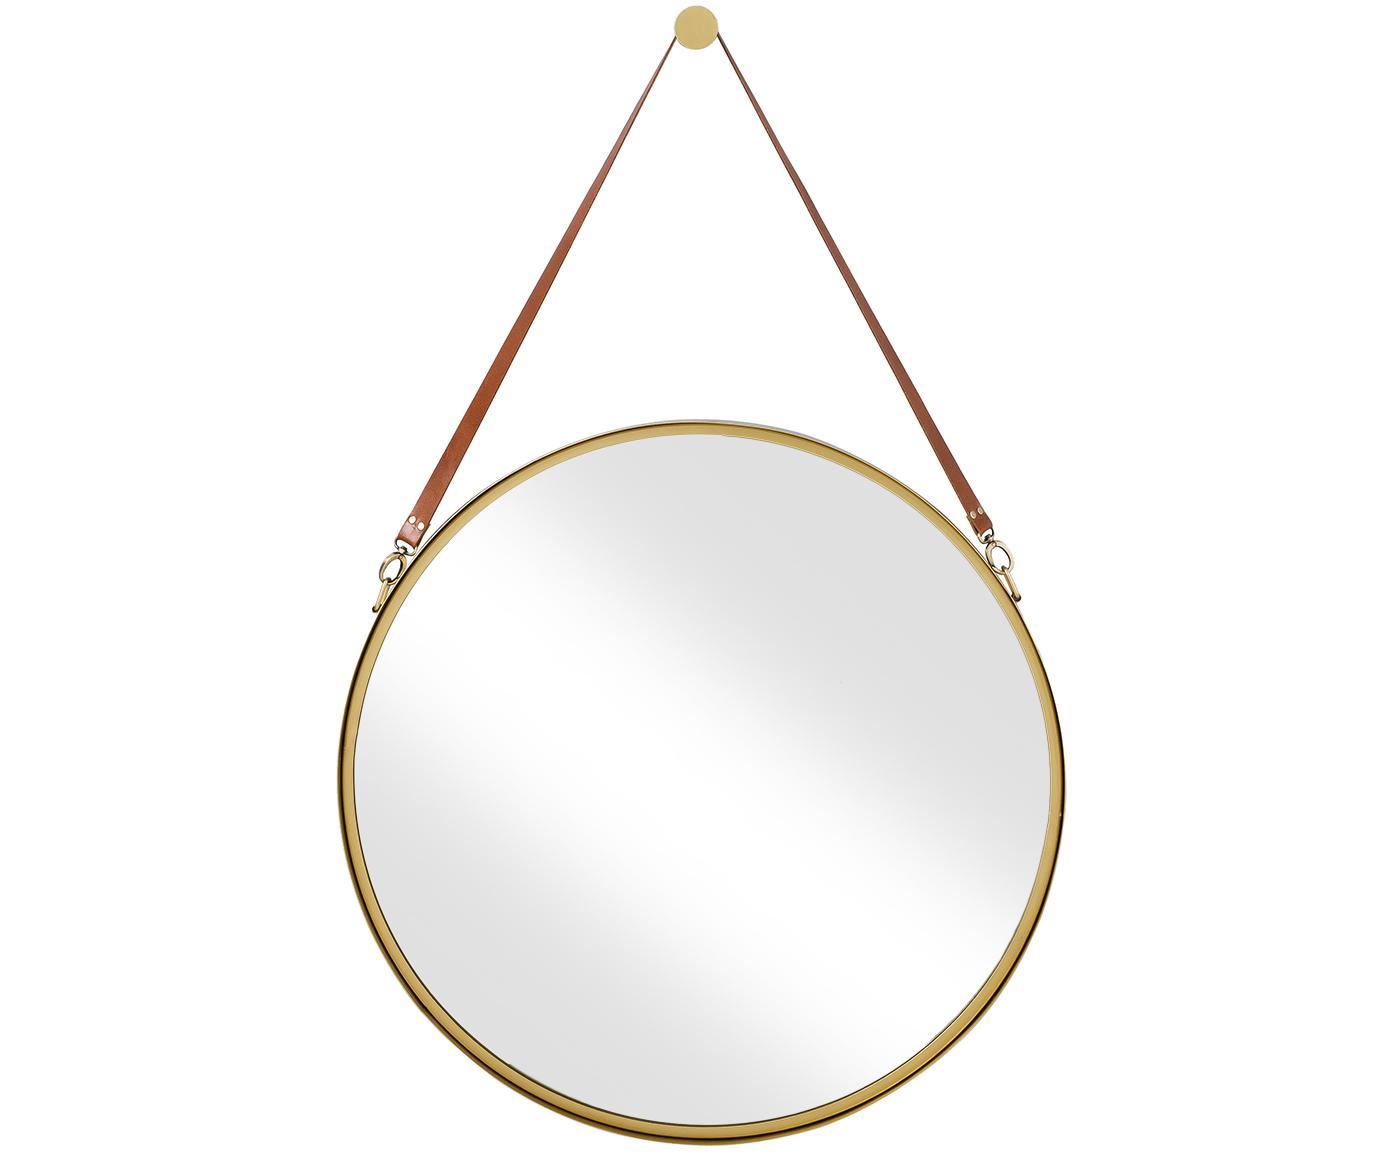 Espejo de pared redondo Liz, con correa de cuero, Espejo: cristal, Dorado, Ø 80 cm